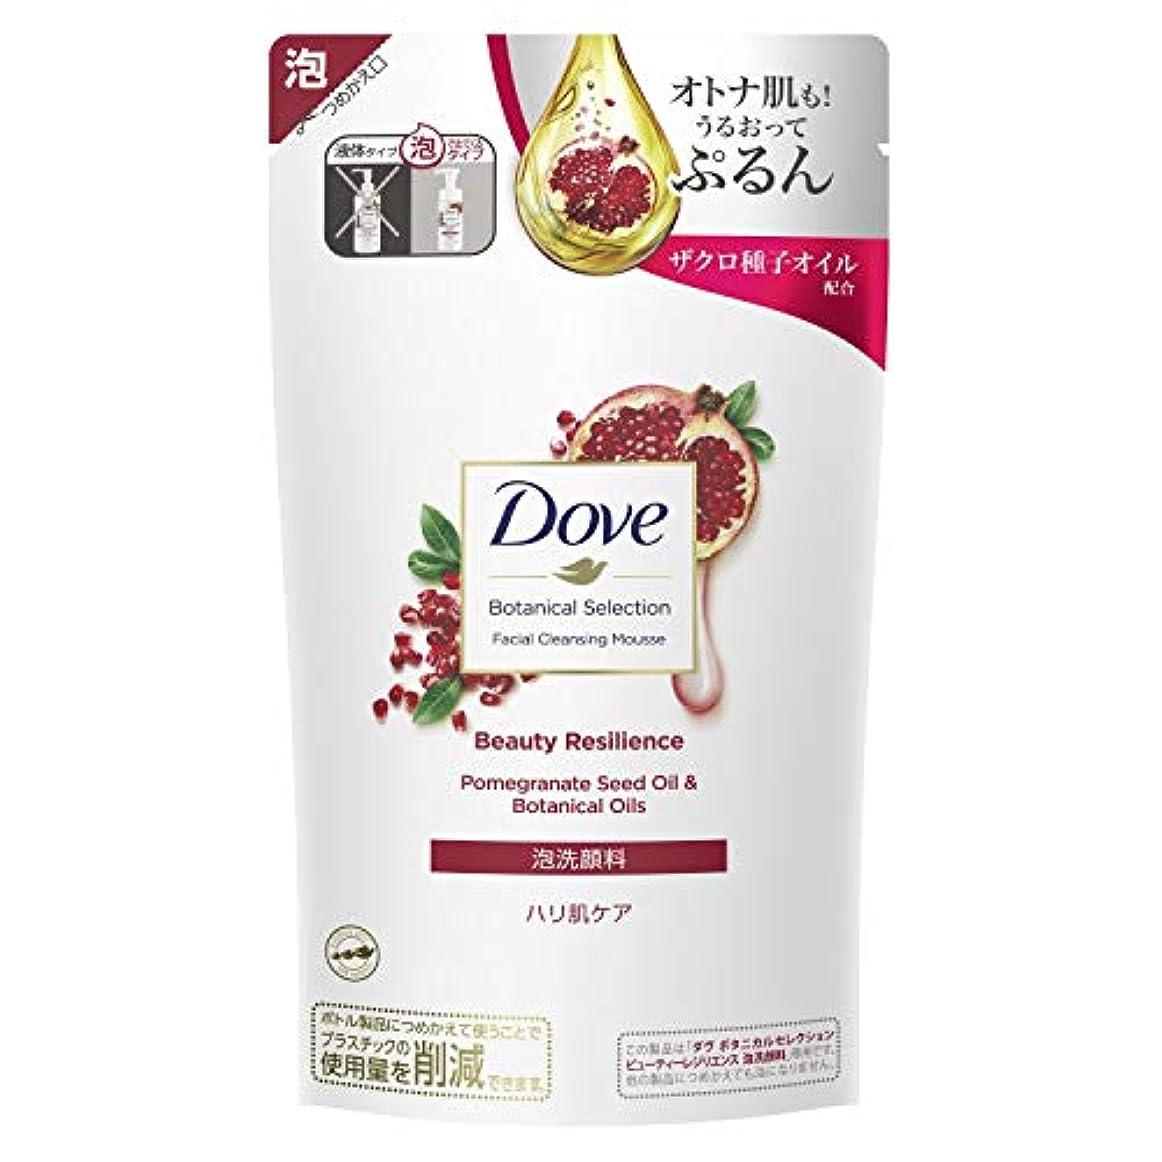 松明の前で可能にするDove(ダヴ) ダヴ ボタニカルセレクション ビューティーレジリエンス 泡洗顔料 つめかえ用 135mL